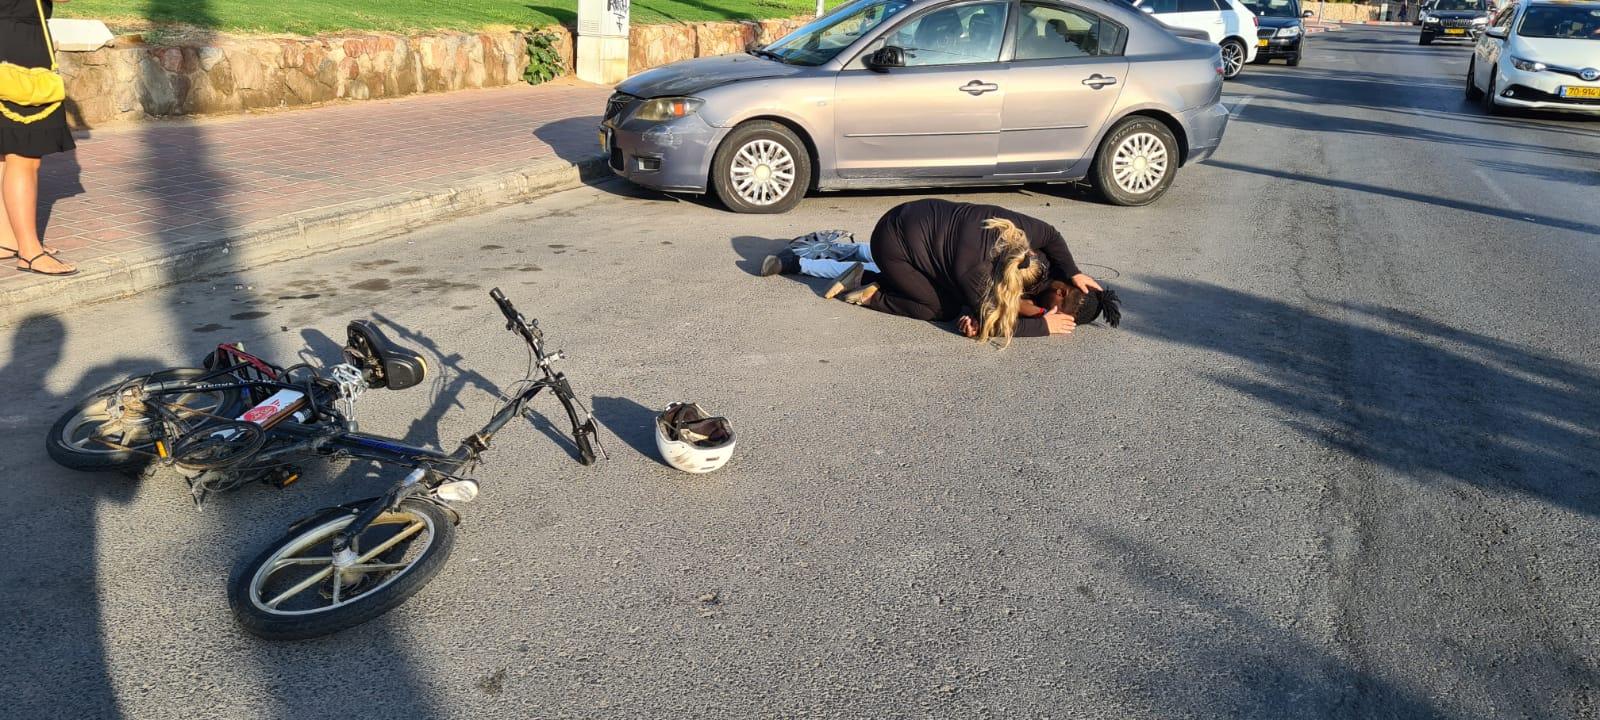 רוכב אופניים נפגע בשדרות התמרים באילת